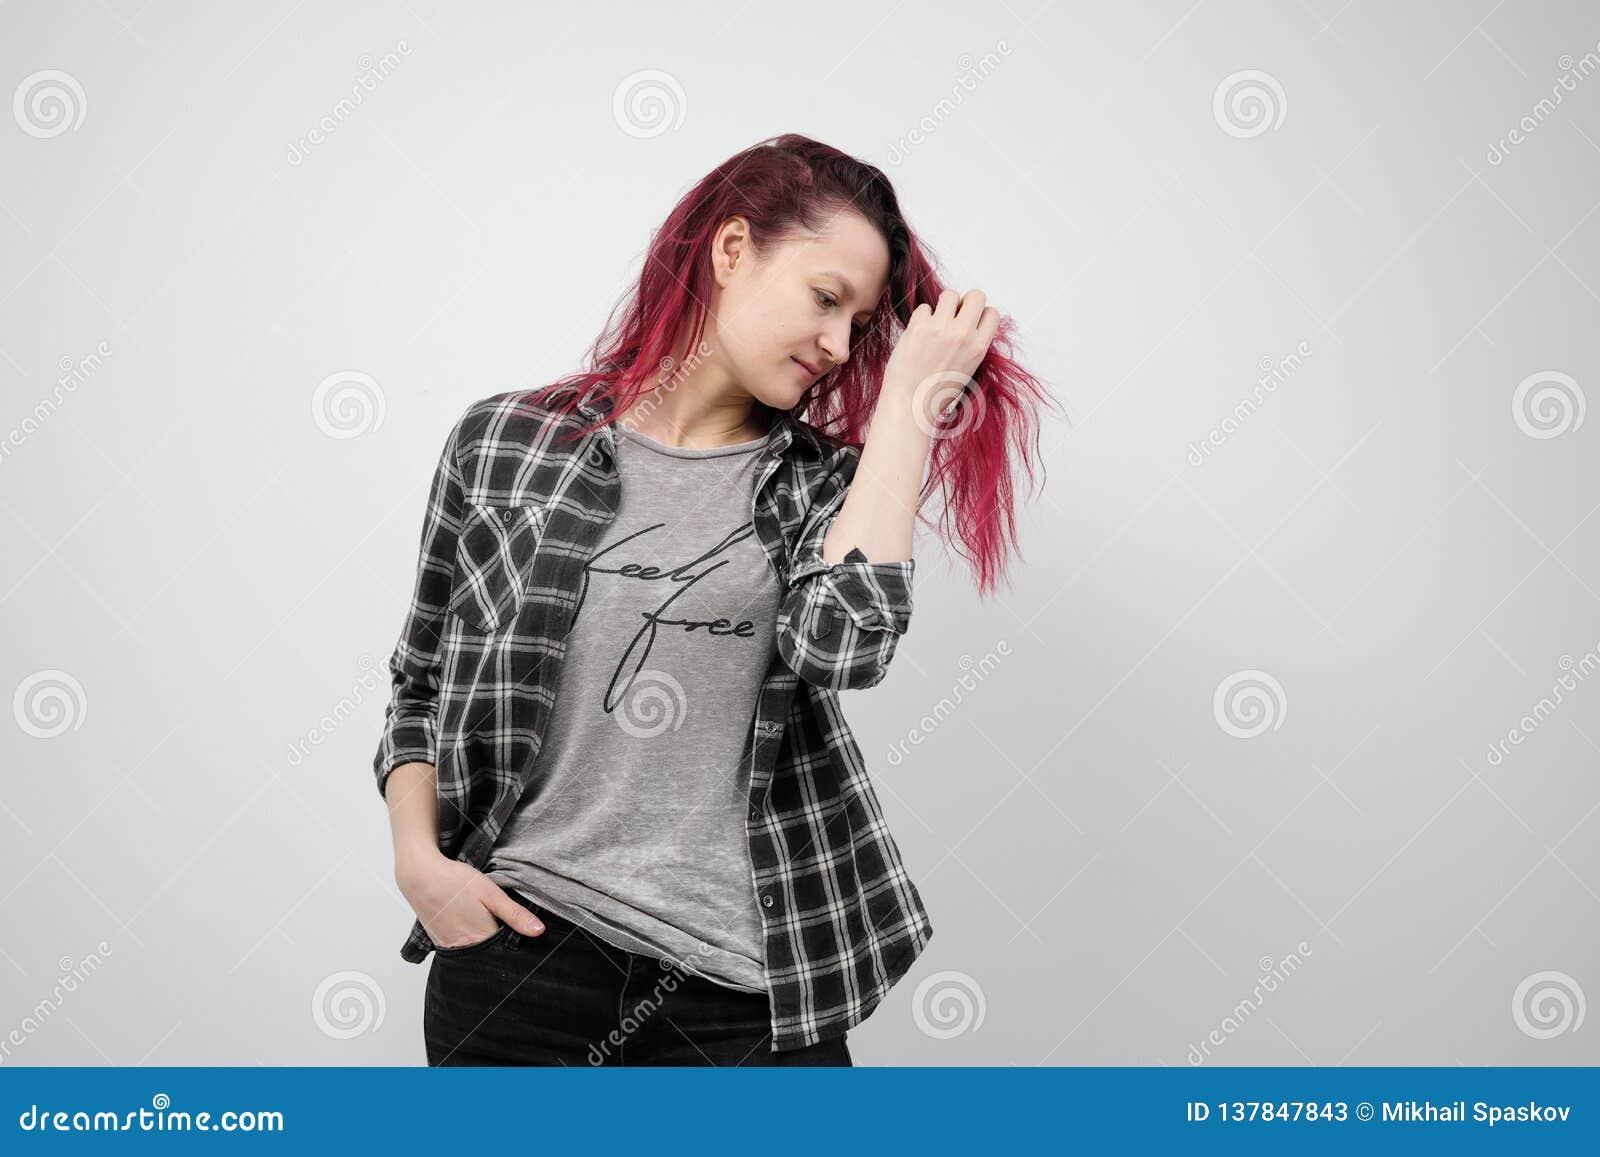 La muchacha en una camisa gris de la tela escocesa en un fondo blanco con el pelo rojo teñido